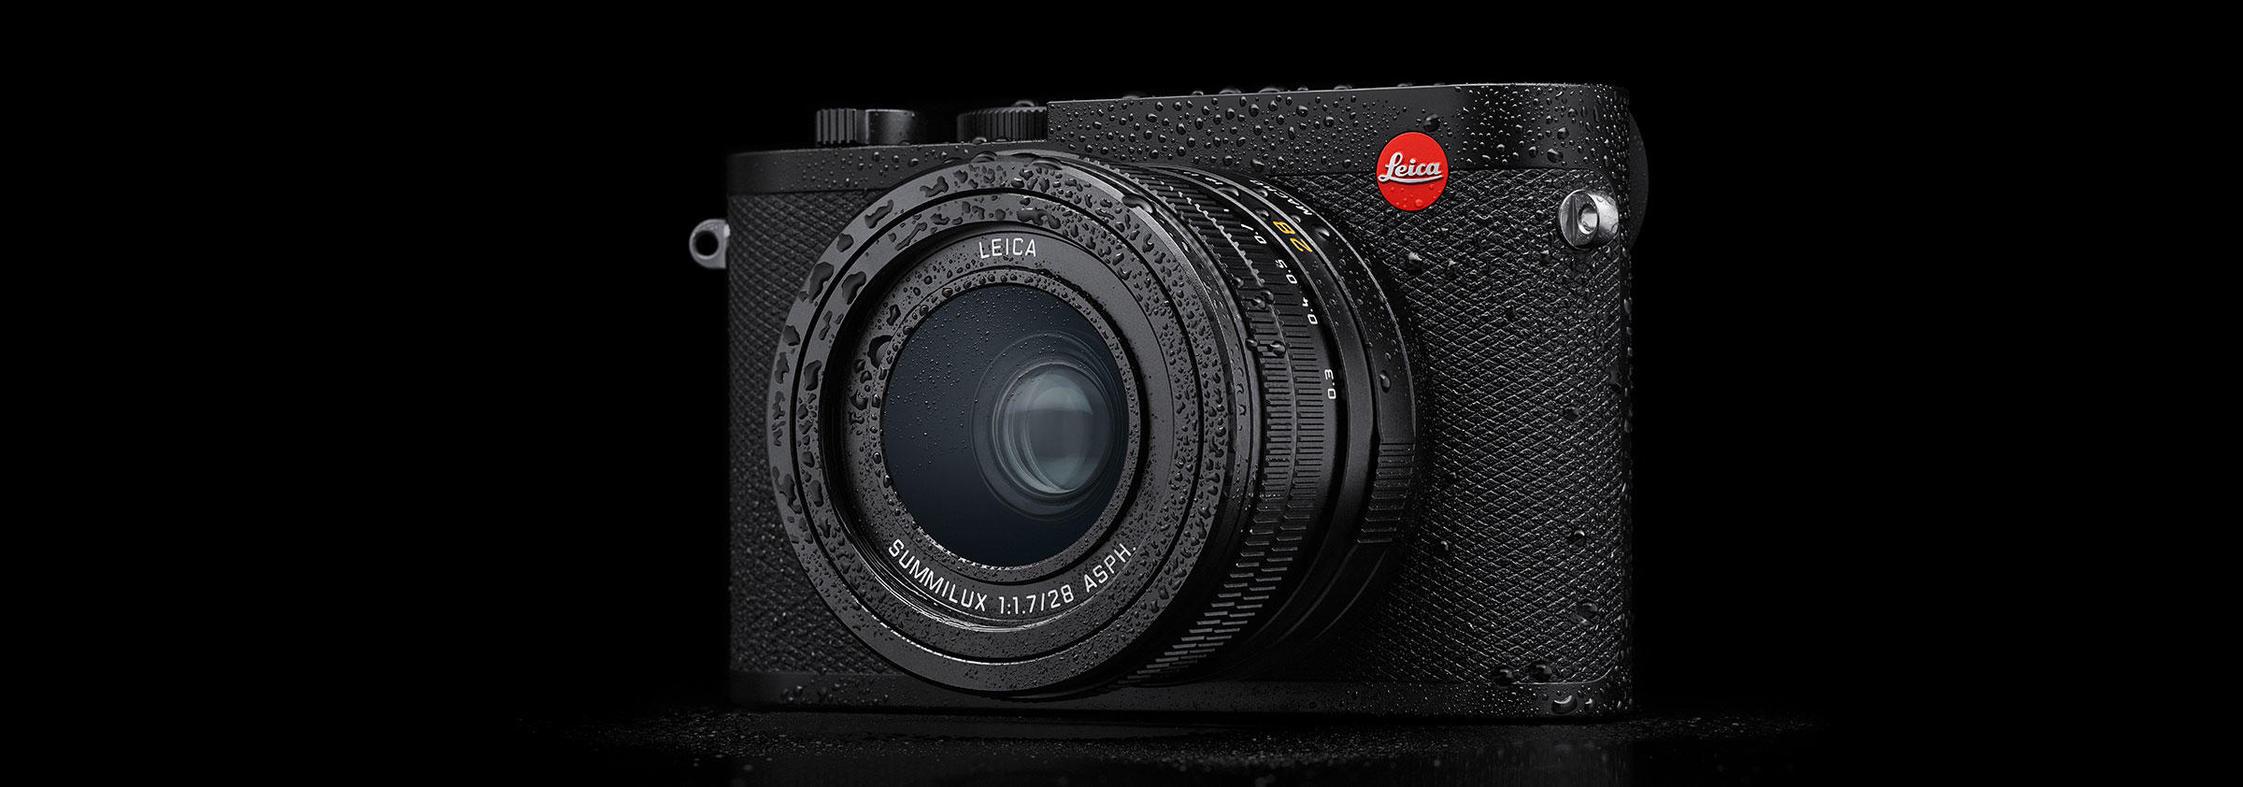 Leica presenta la NUEVA Q2: La nueva generación de la cámara compacta con sensor de formato completo y objetivo luminoso de distancia focal fija.